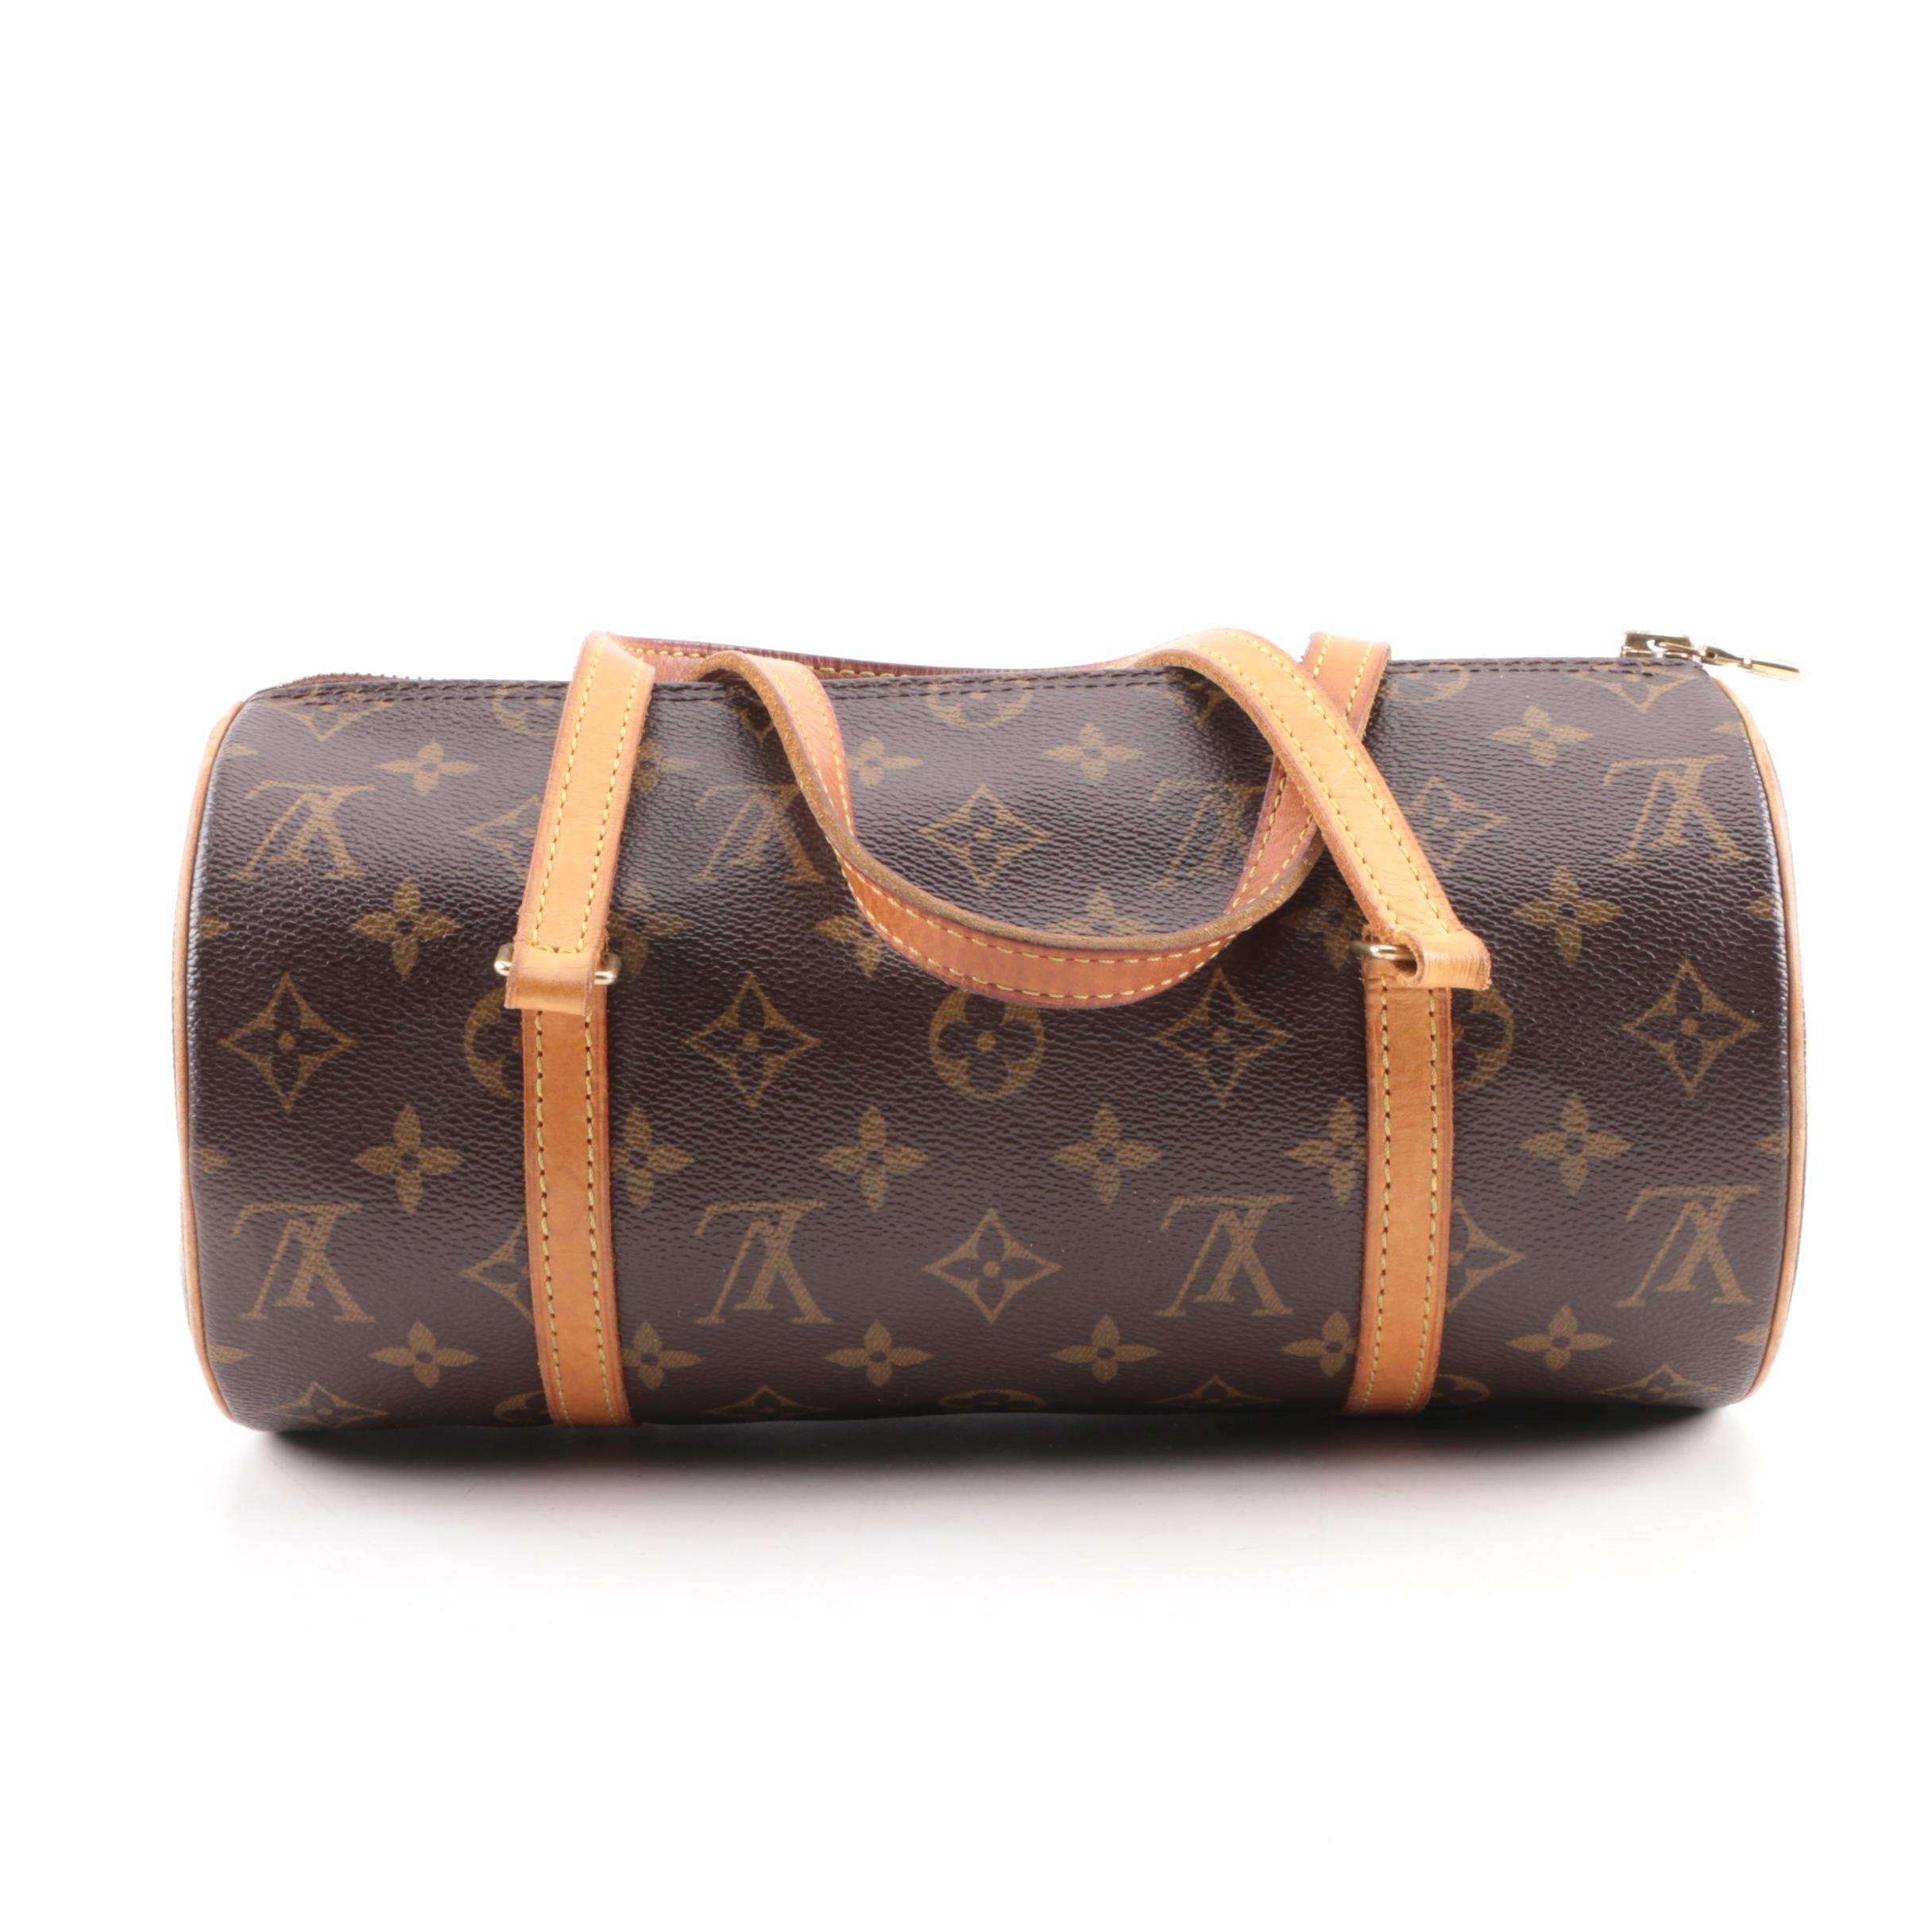 2004 Louis Vuitton of Paris Monogram Papillon Barrel Bag